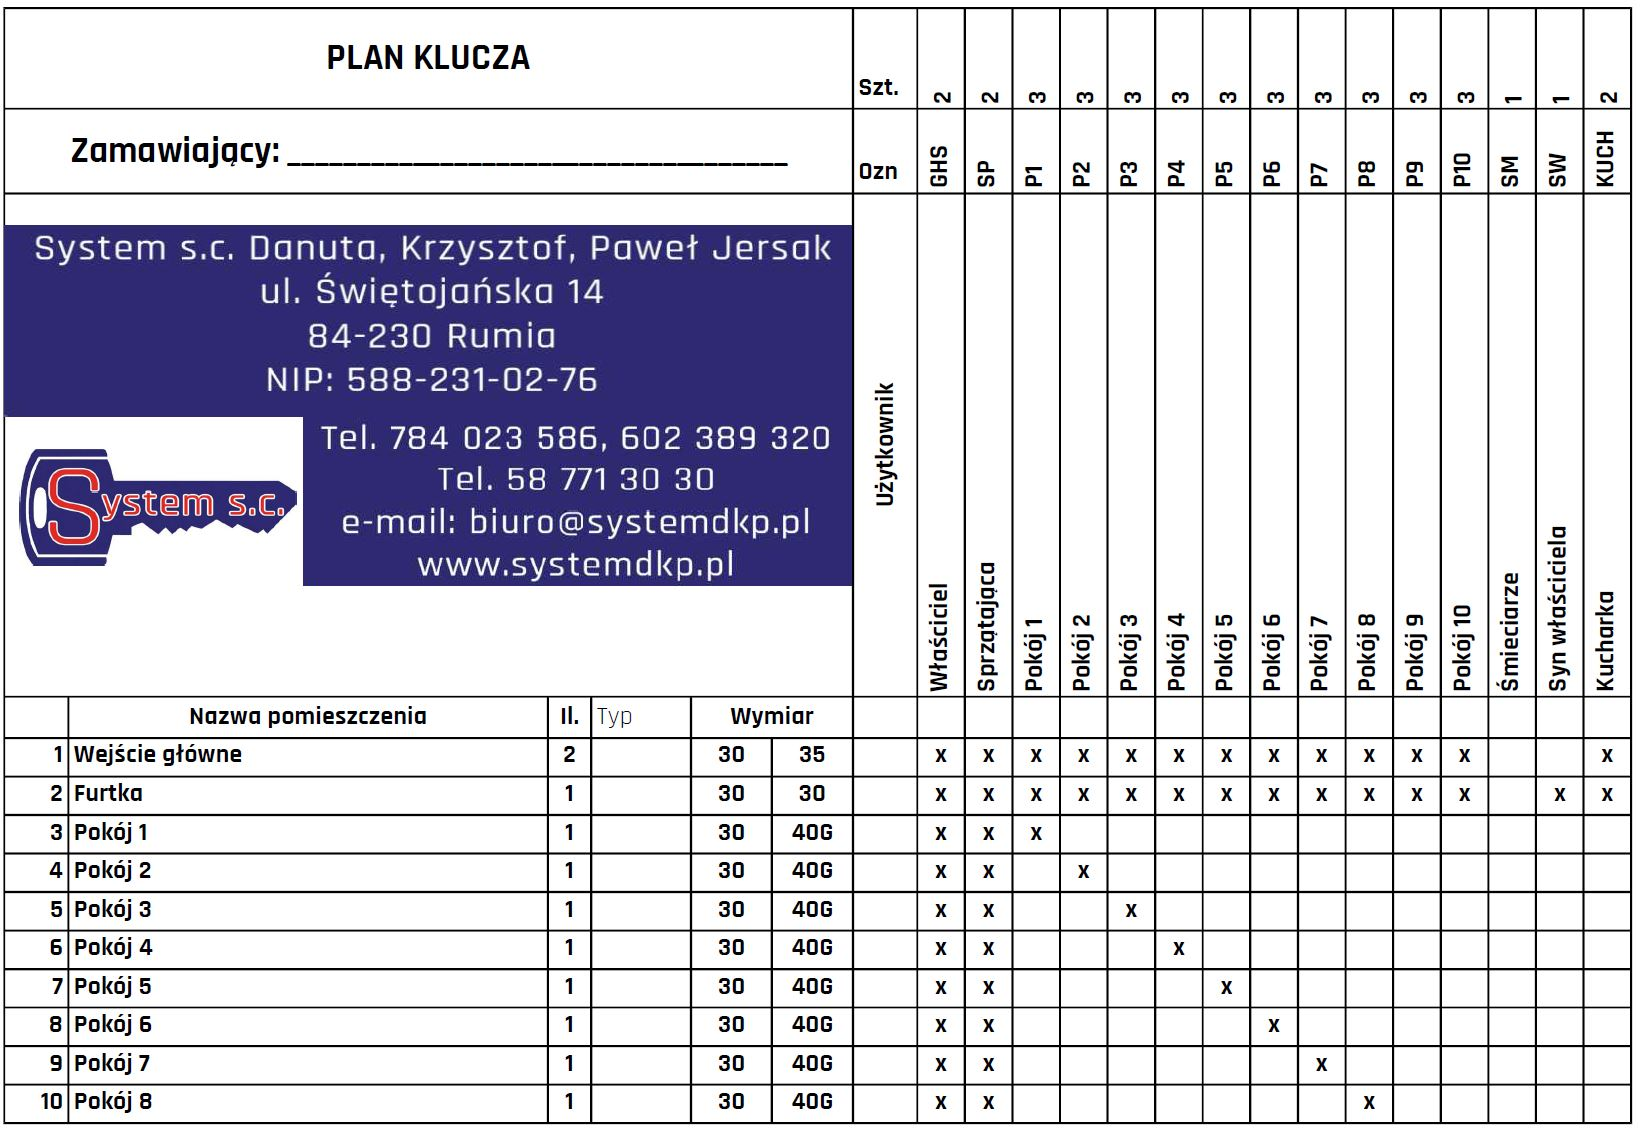 Plan%20klucza.JPG